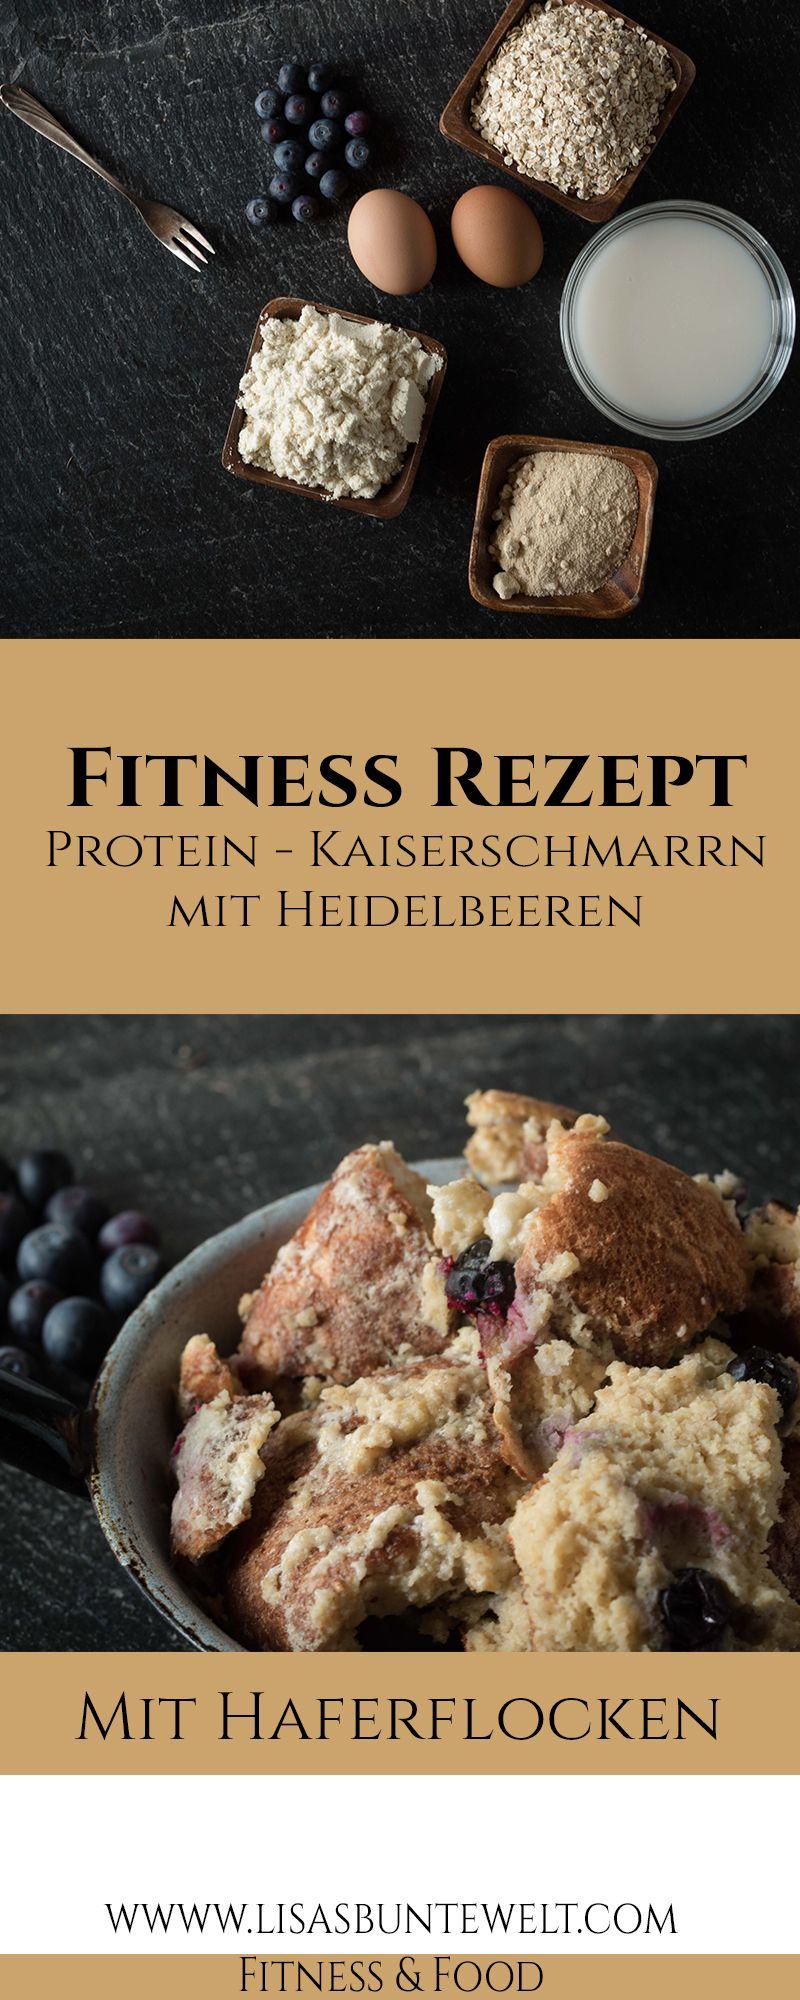 Fitness Rezept - Gesunder Protein-Kaiserschmarrn mit Heidelbeeren #protiendiet